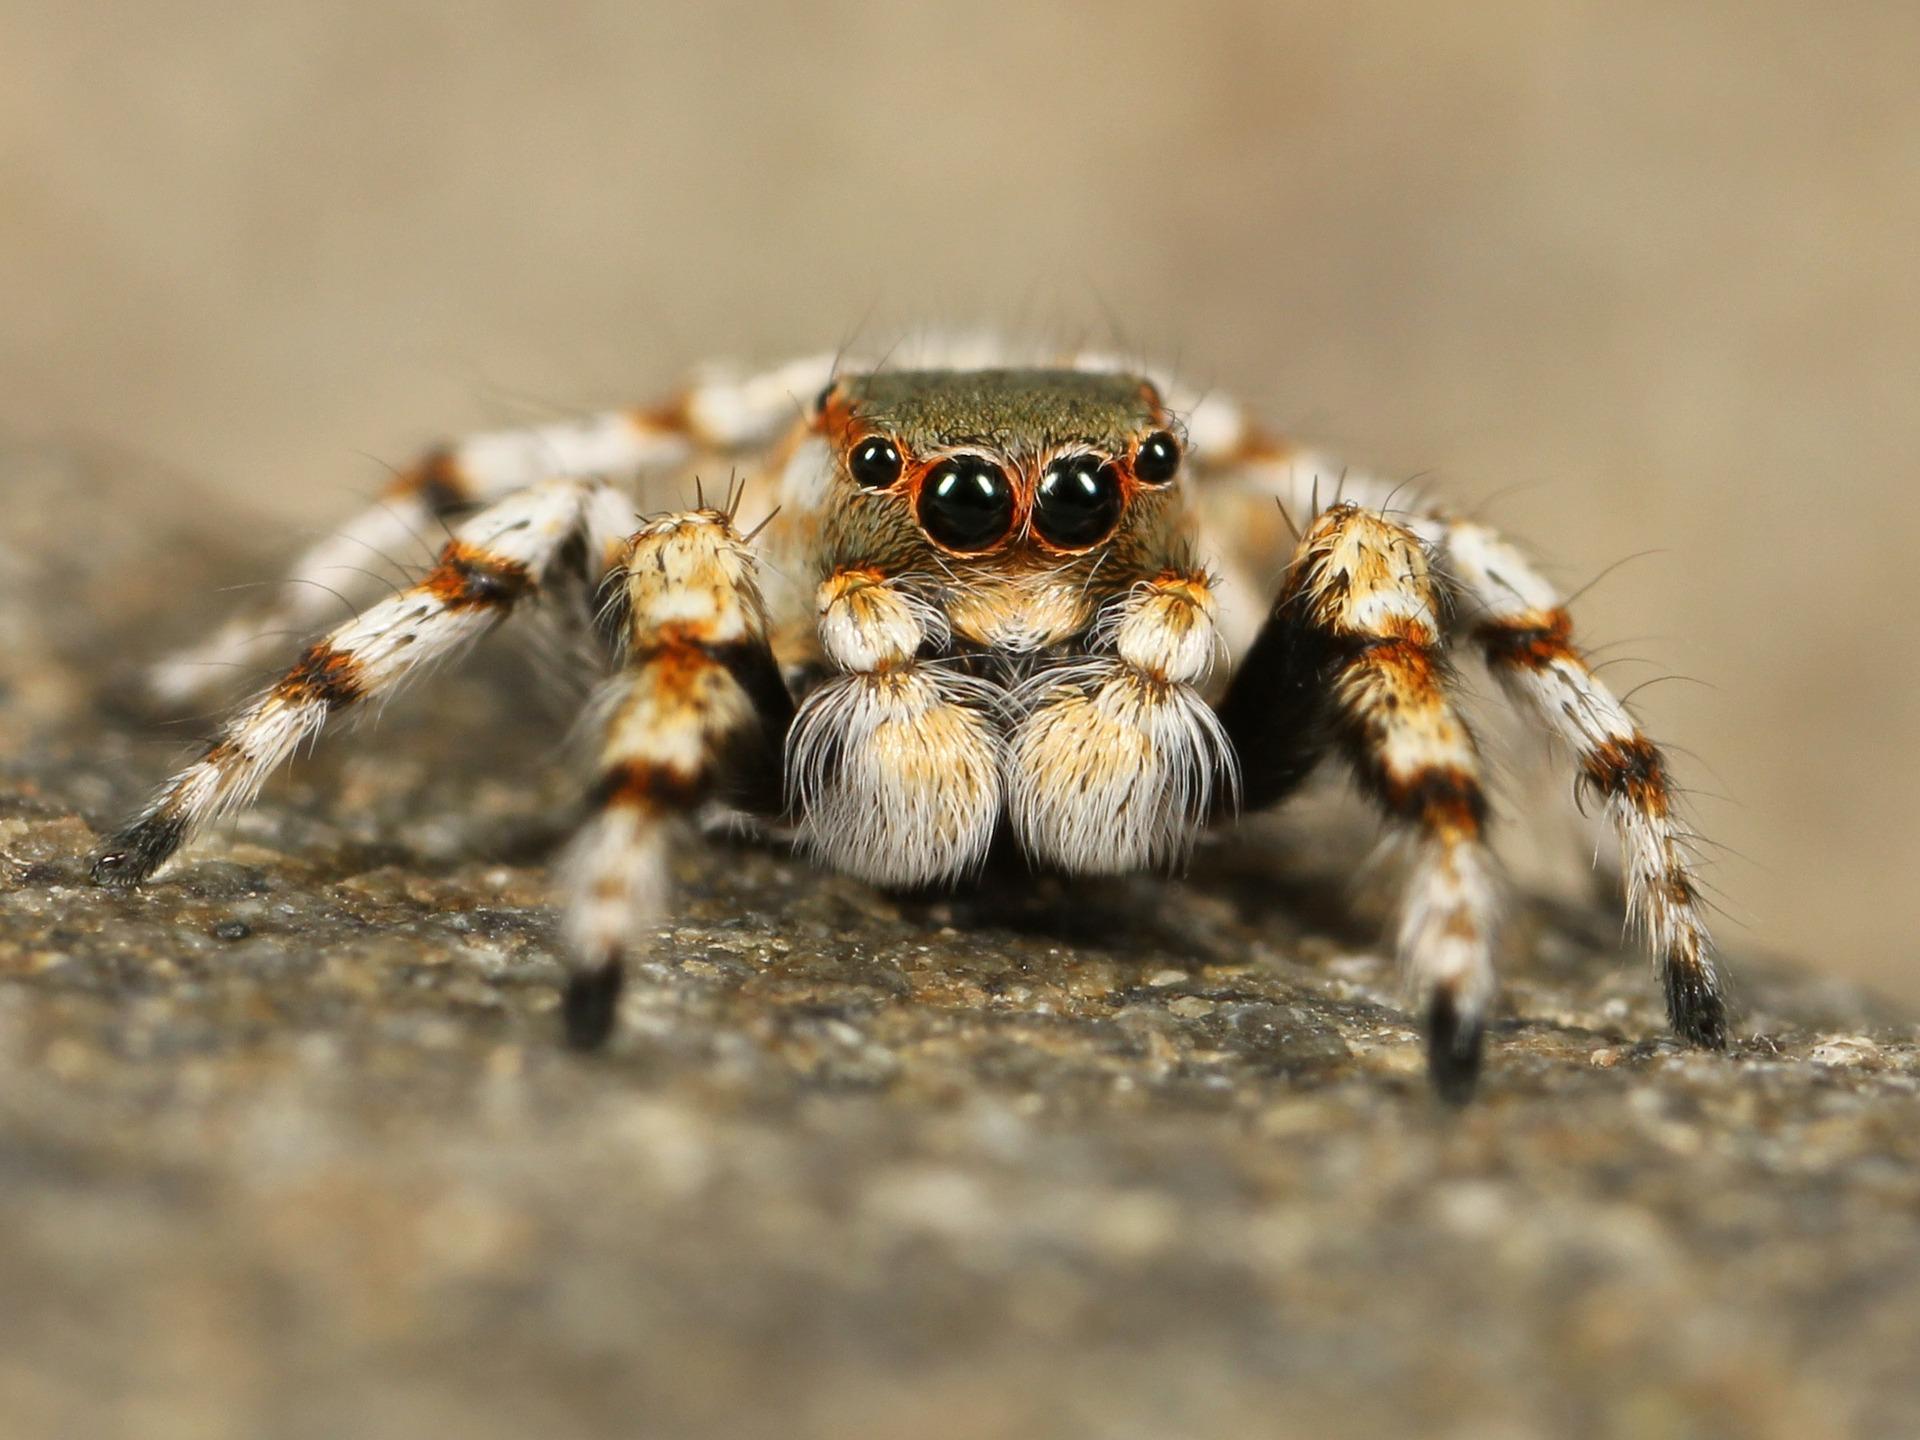 jumping-spider-111075_1920.jpg